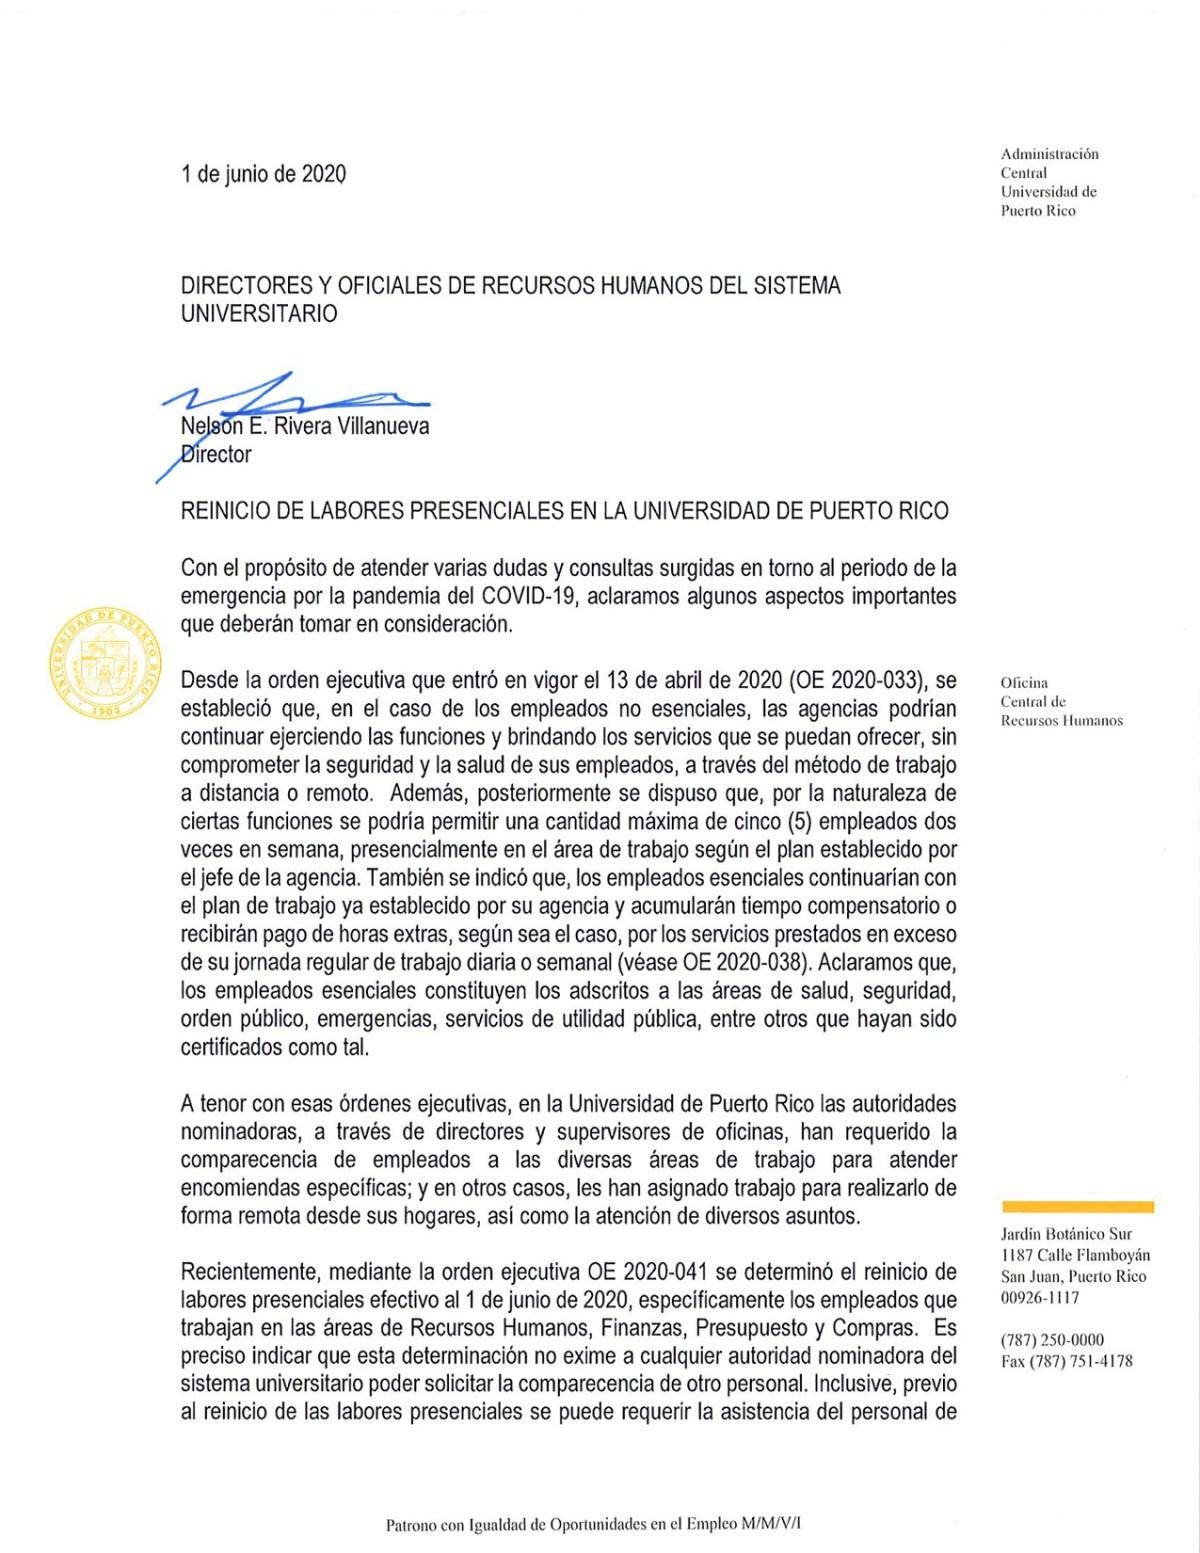 circular adm central reinicio labores presenciales UPR-1